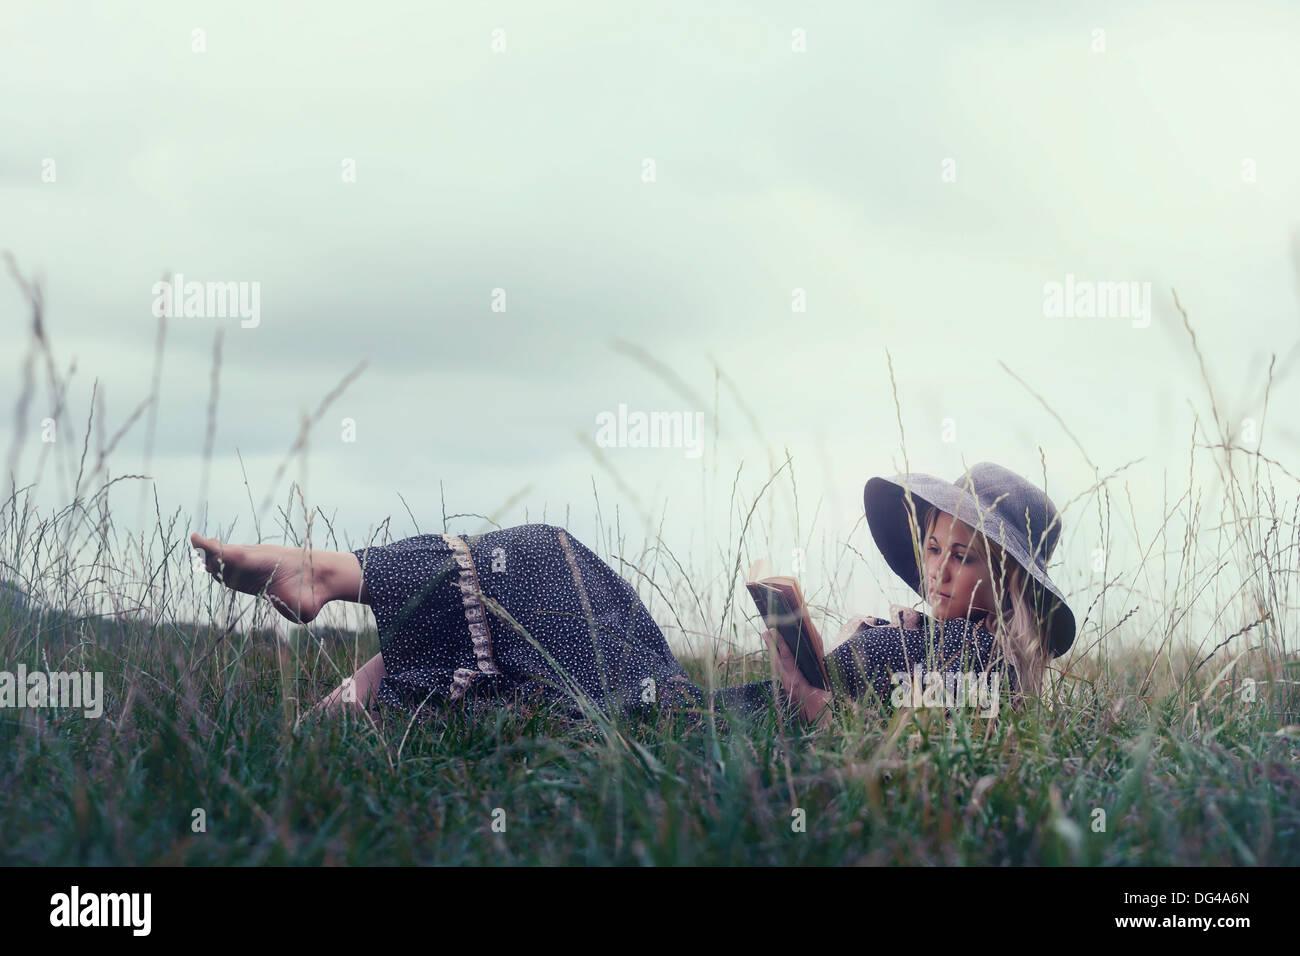 Una mujer en un romántico vestido está acostado sobre una pradera, leyendo un libro Imagen De Stock